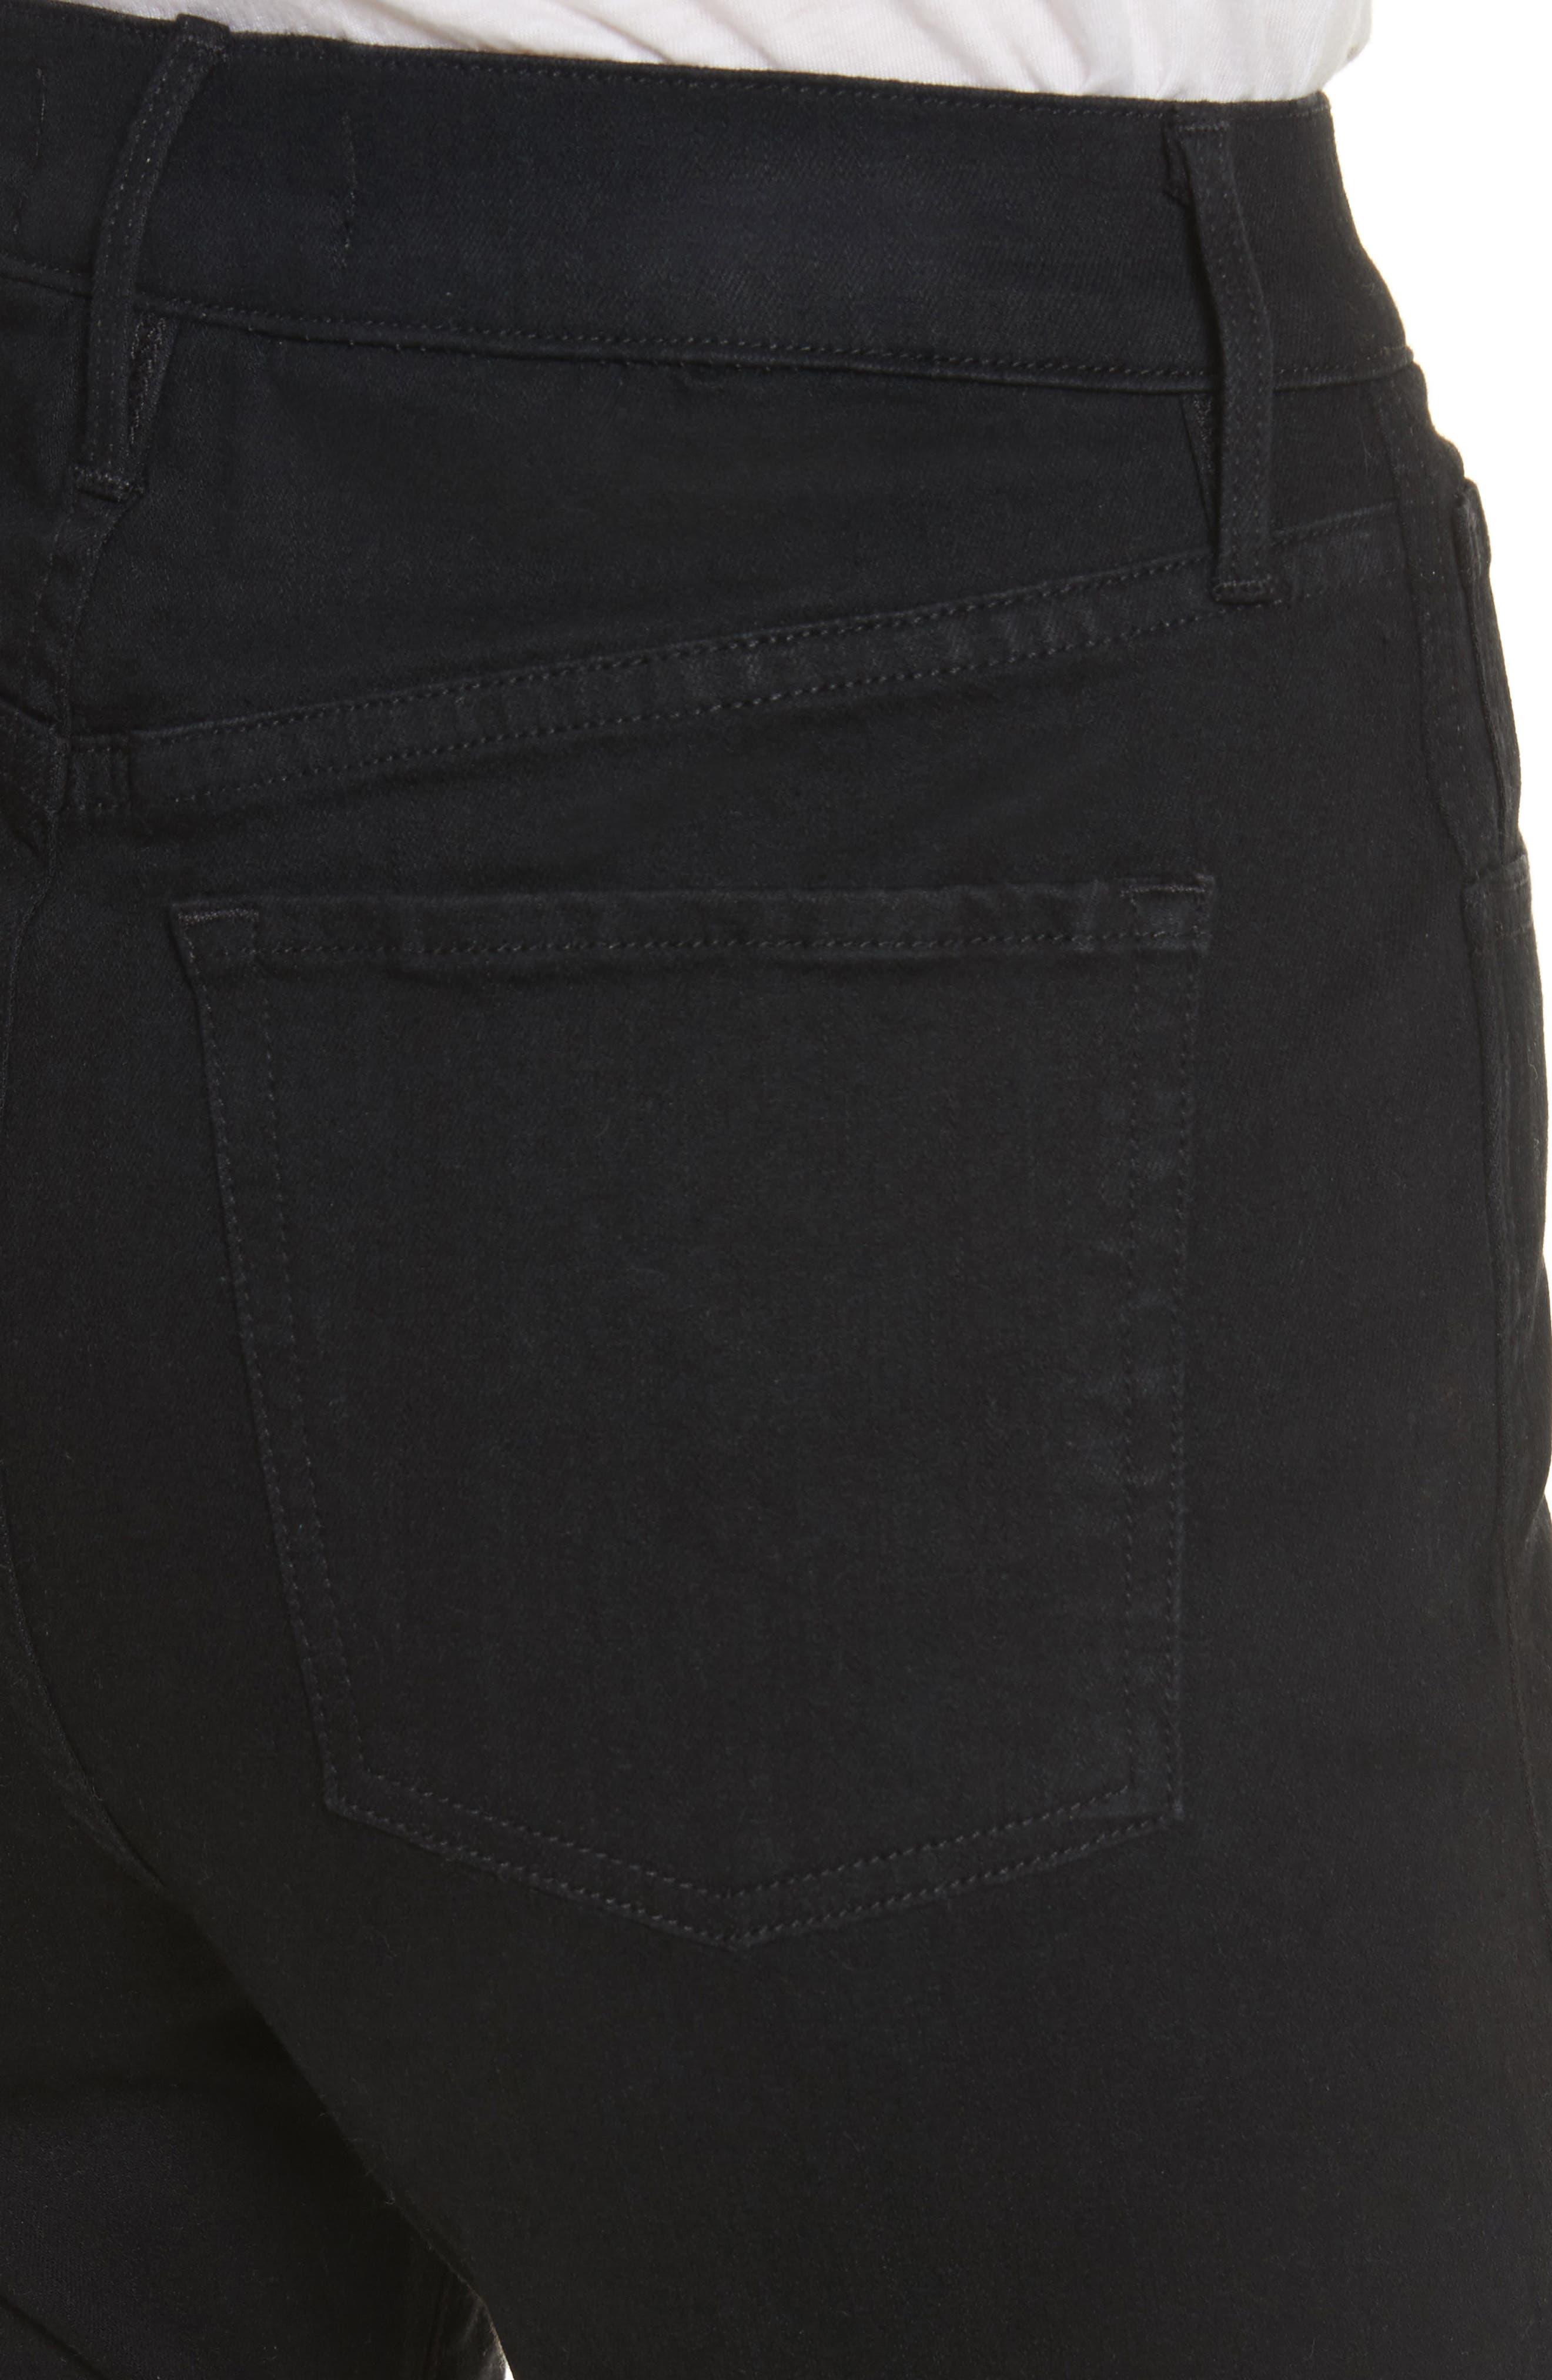 W4 Adeline High Waist Split Flare Jeans,                             Alternate thumbnail 4, color,                             001